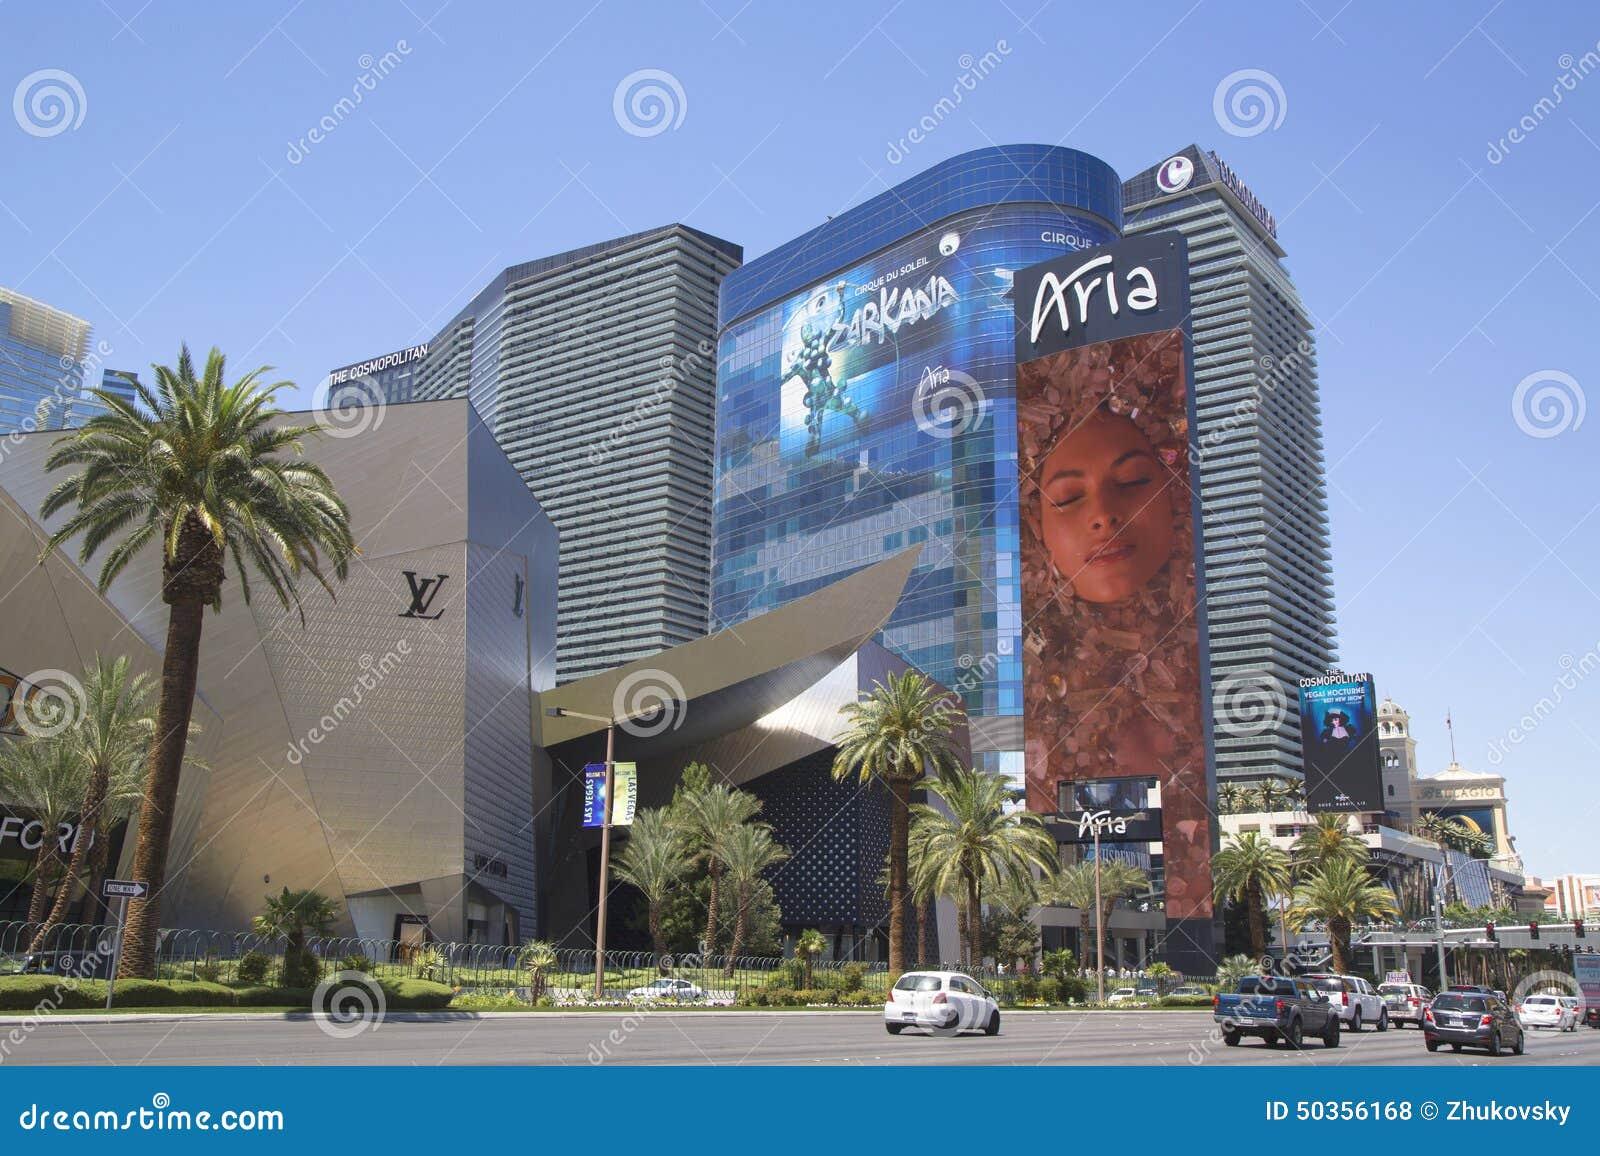 aria hotel and casino las vegas nevada